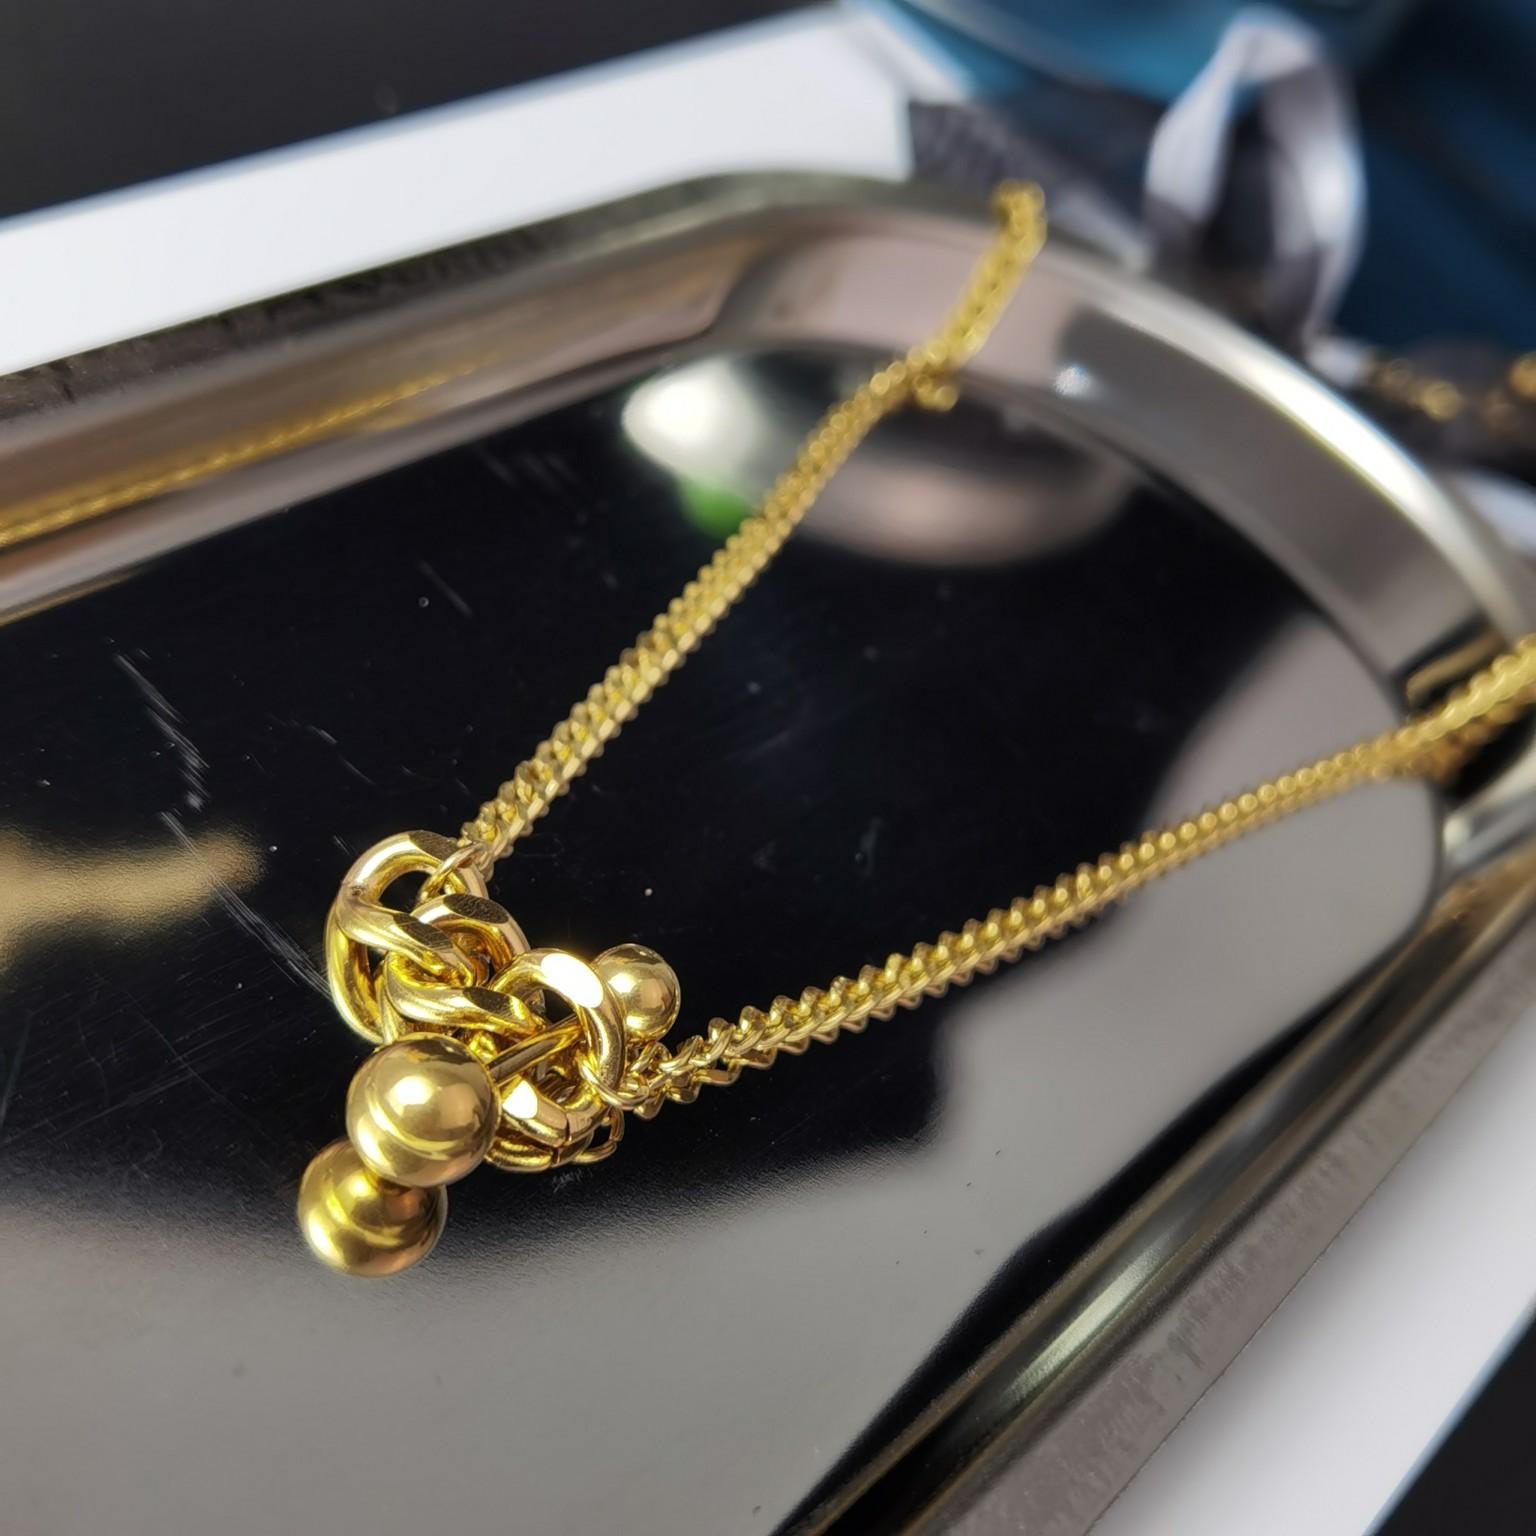 项链项链是和成衣以及包具系列相互联动